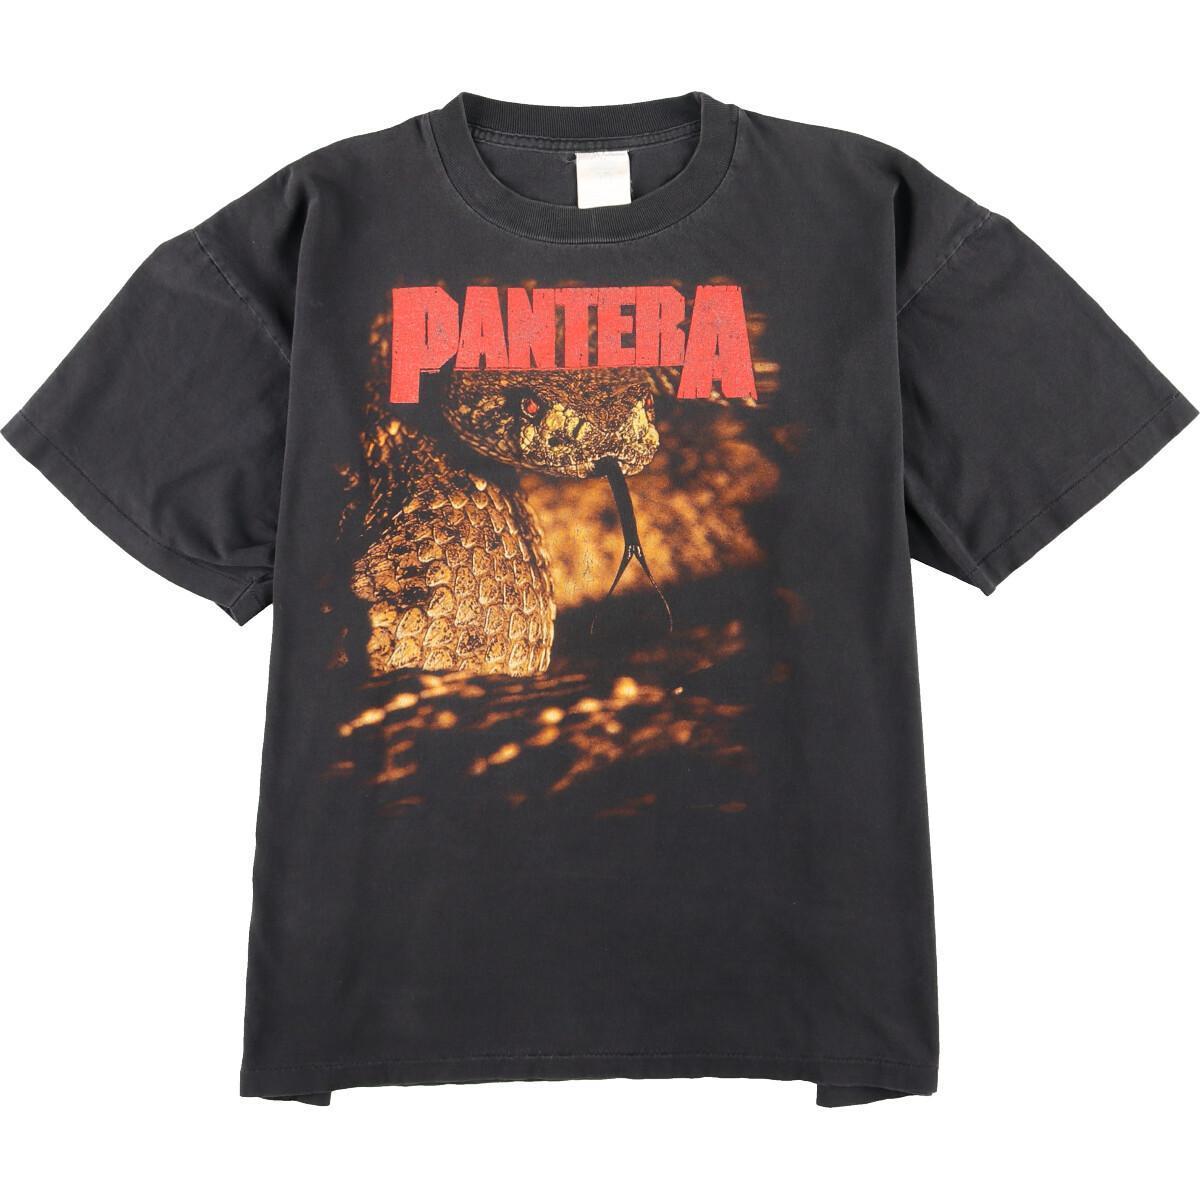 90年代 WINTERLAND PANTERA パンテラ THE GREAT SOUTHERN TRENDKILL ツアー バンドTシャツ USA製 メンズXL ヴィンテージ /eaa022035 【中古】【N2005】 【200418】【SVTG】